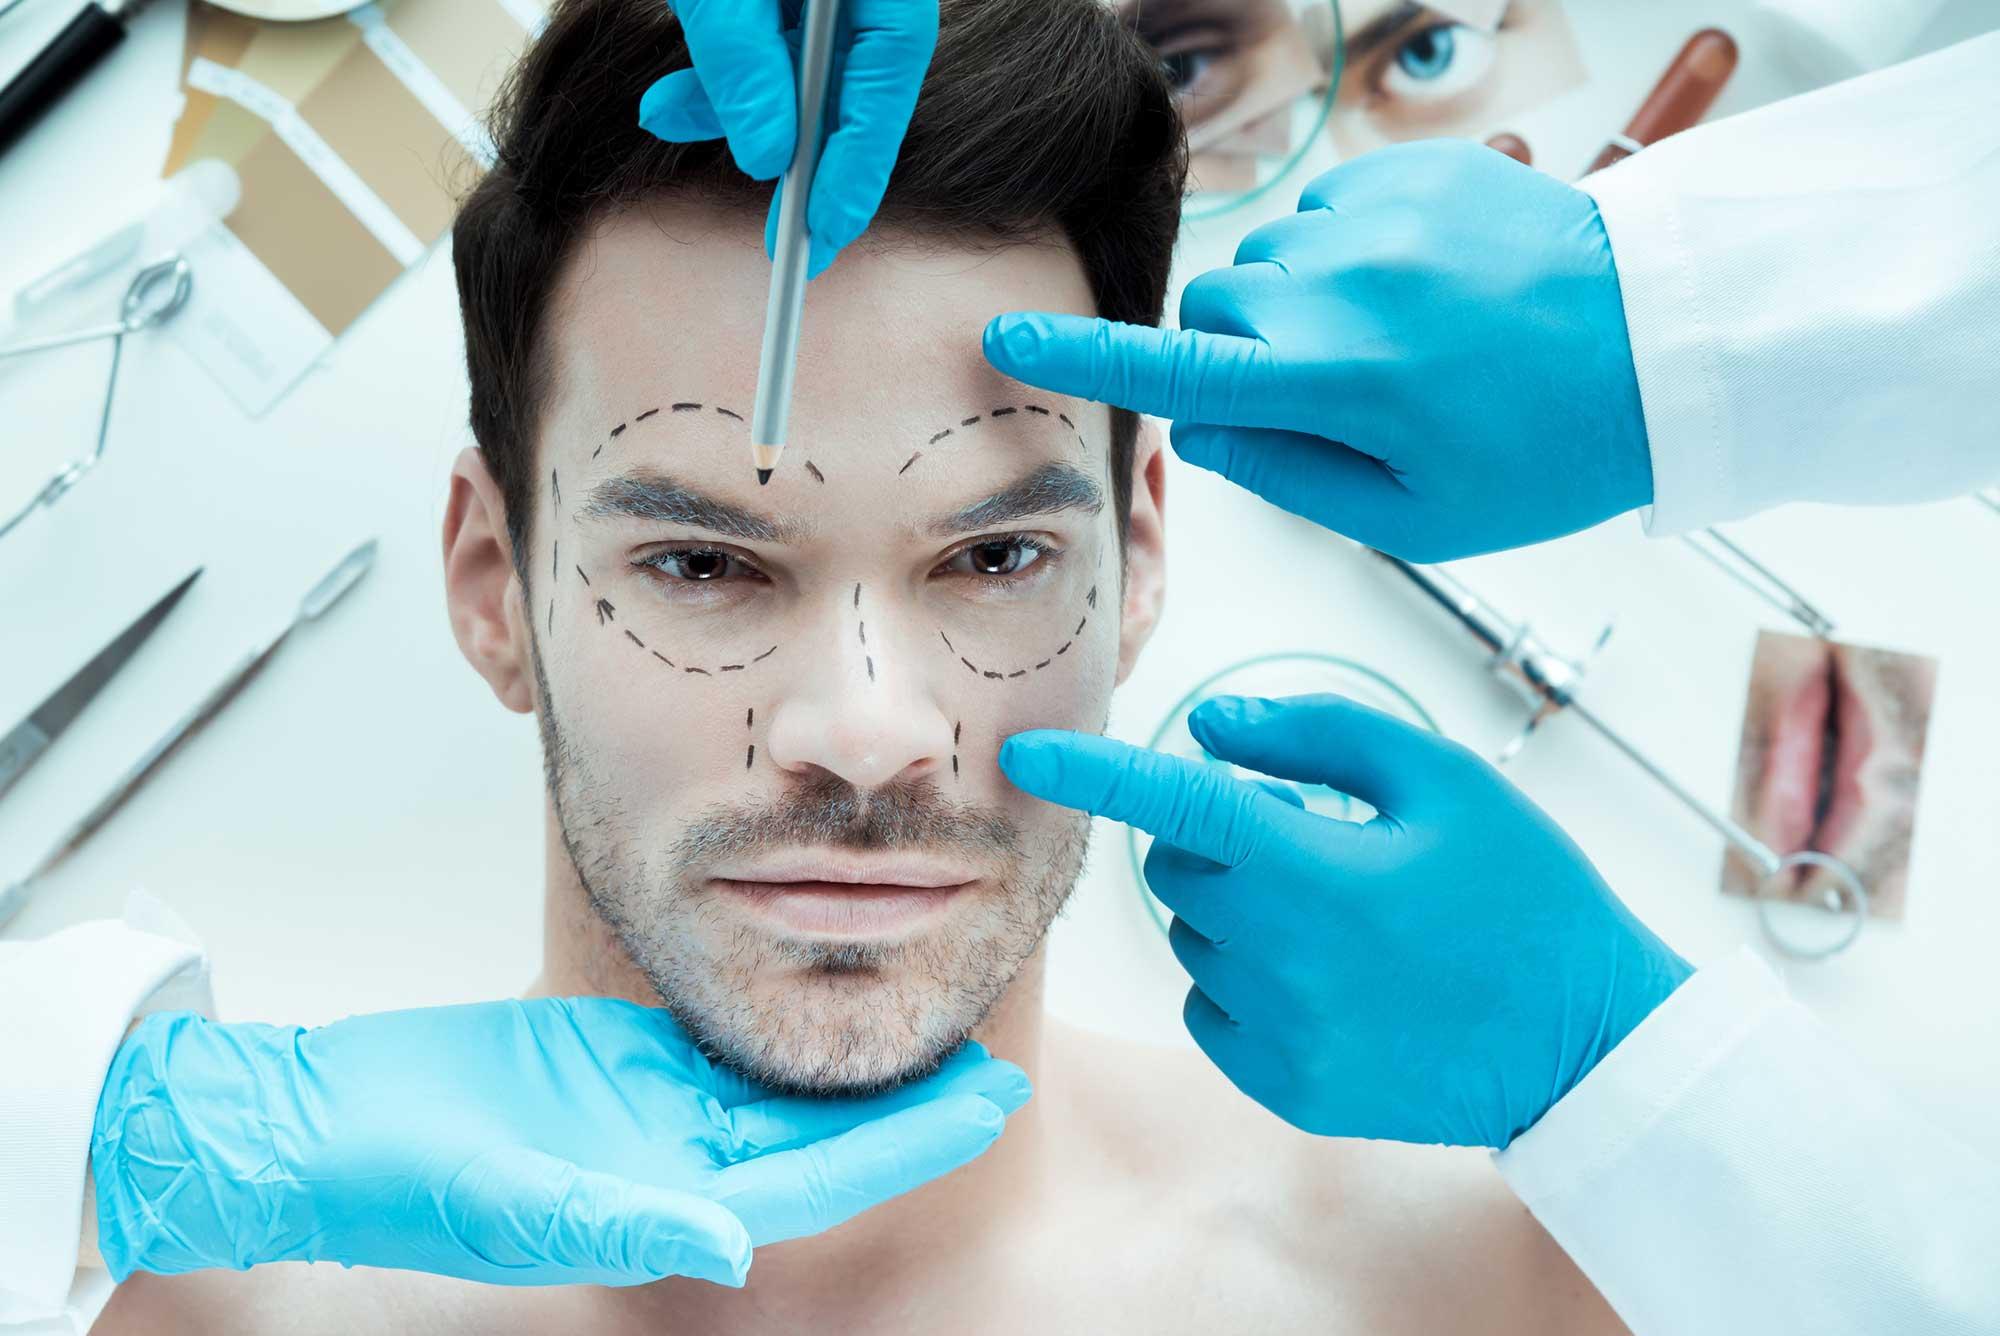 Aux frontières de la chirurgie esthétique